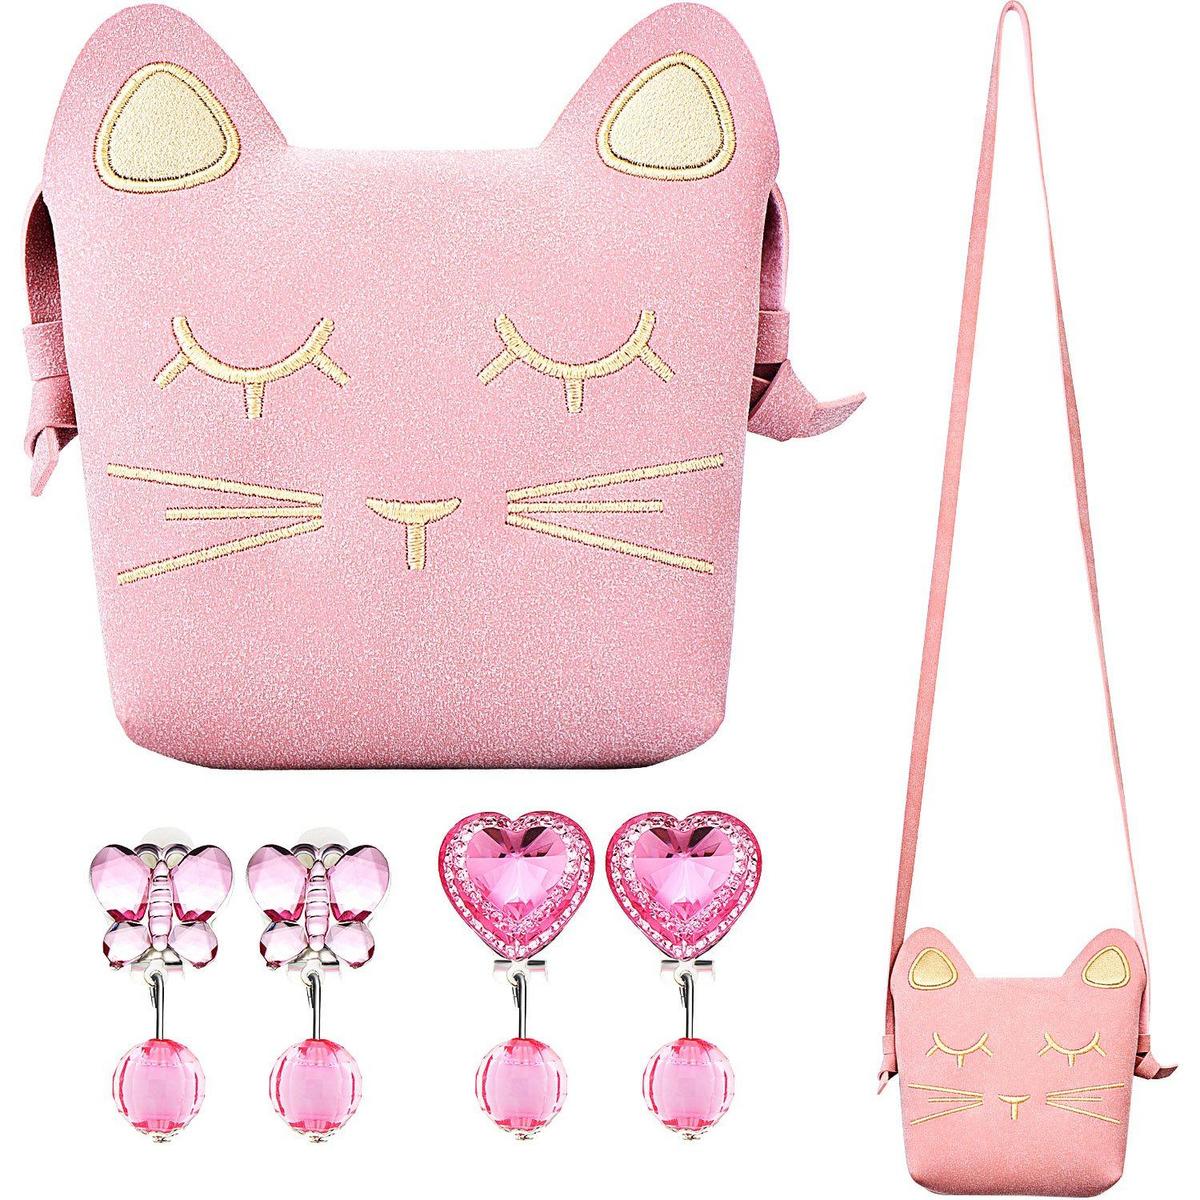 7aa5143dbef de maxdot de bolso Cargando niñas color zoom g rosa pequeñas linda mano  xqrwxEY1t